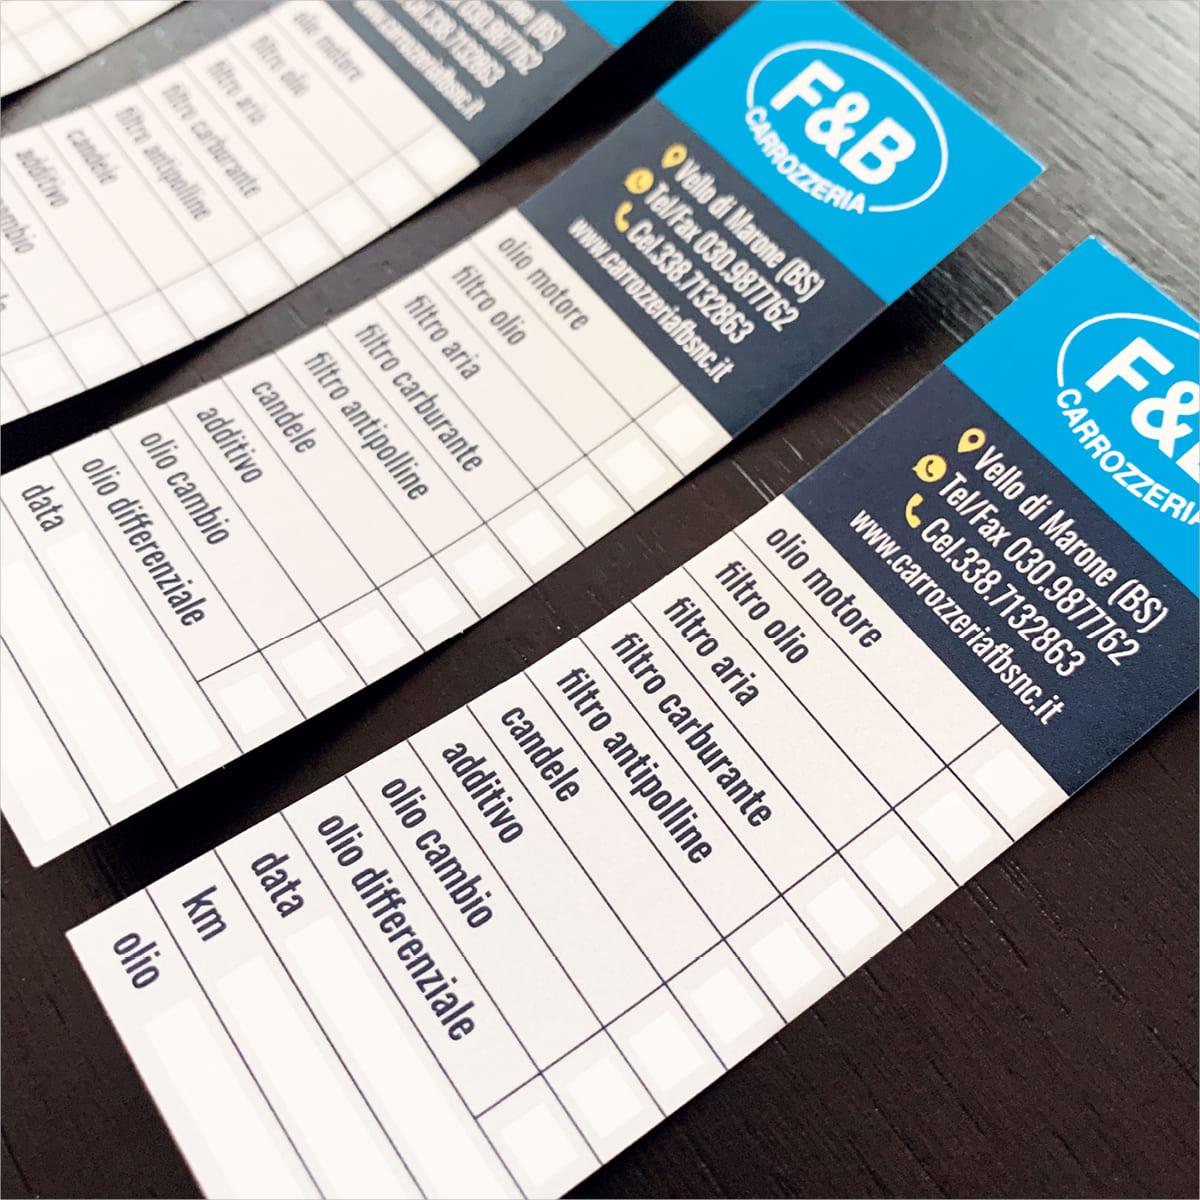 Adesivi su misura personalizzati - Carrozzeria F&B Marone (Brescia)